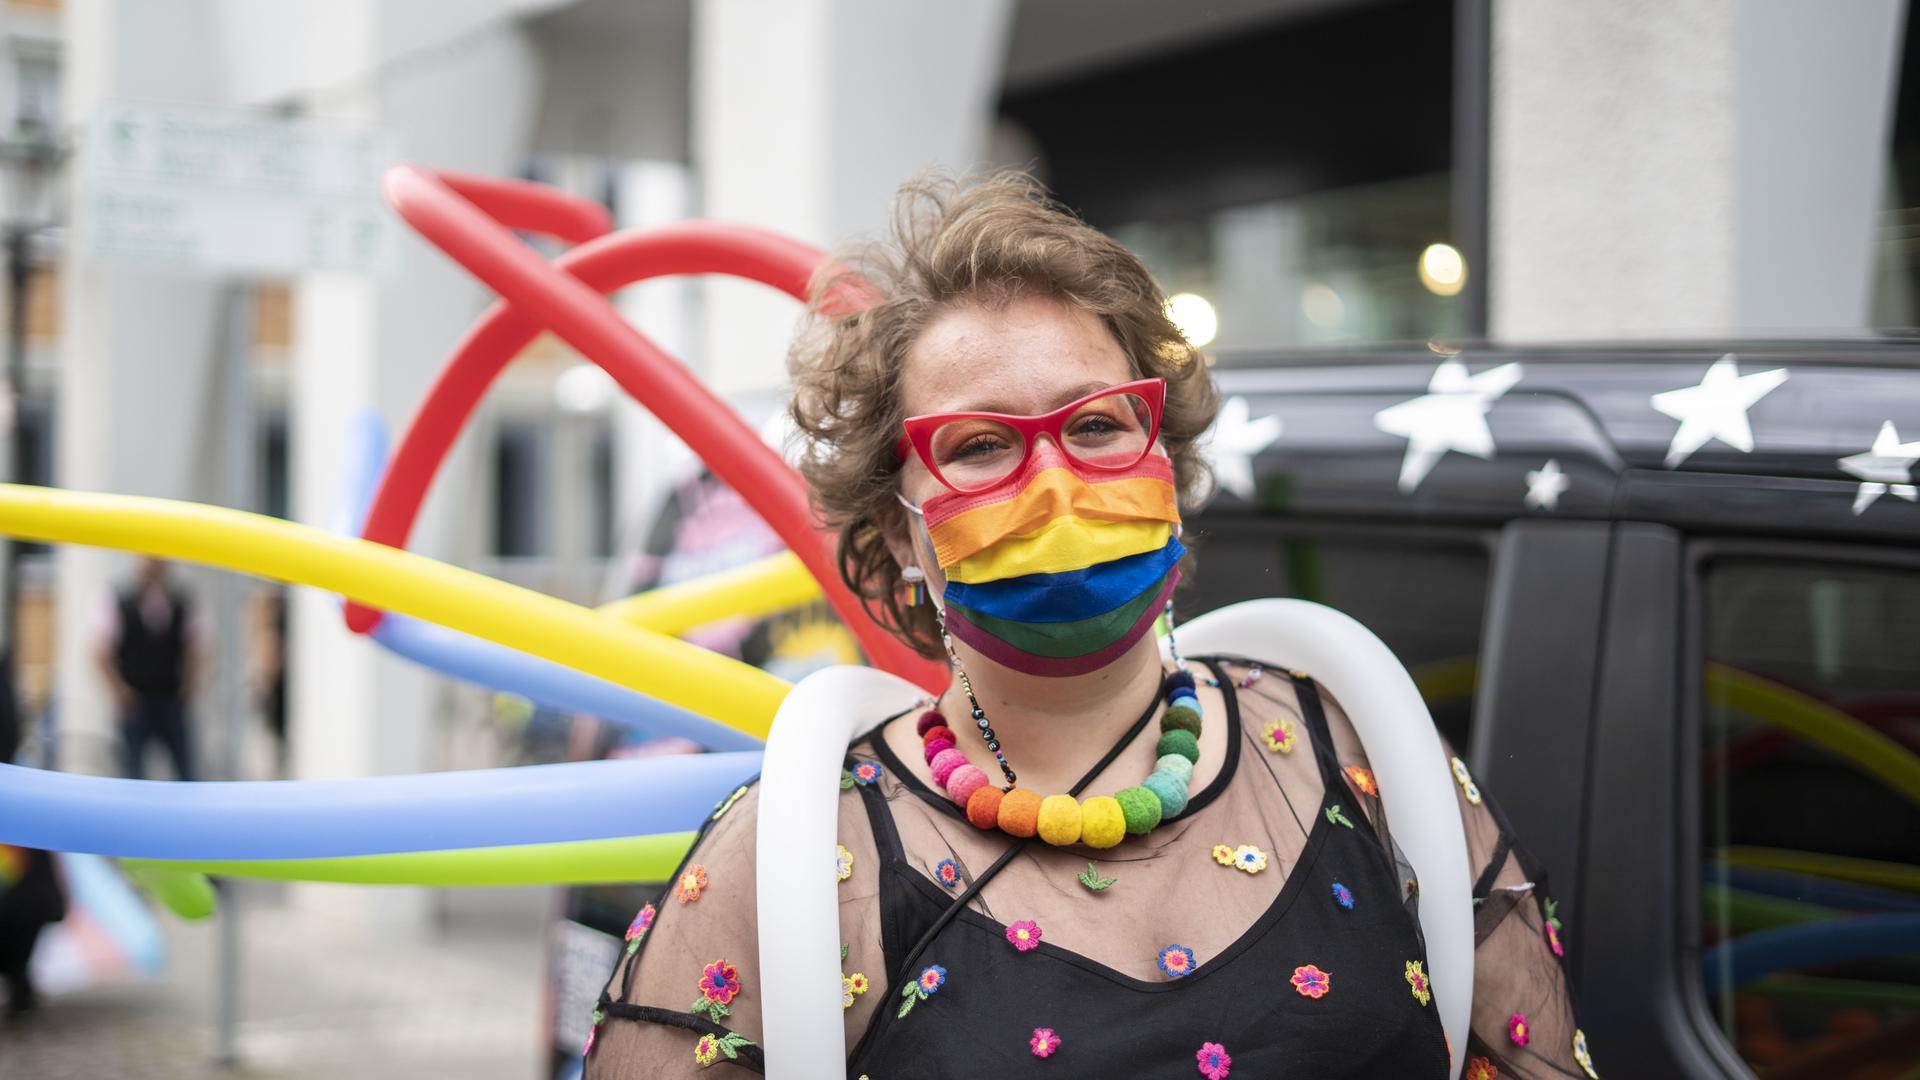 Frau trägt Kleider in Regenbogenfarben